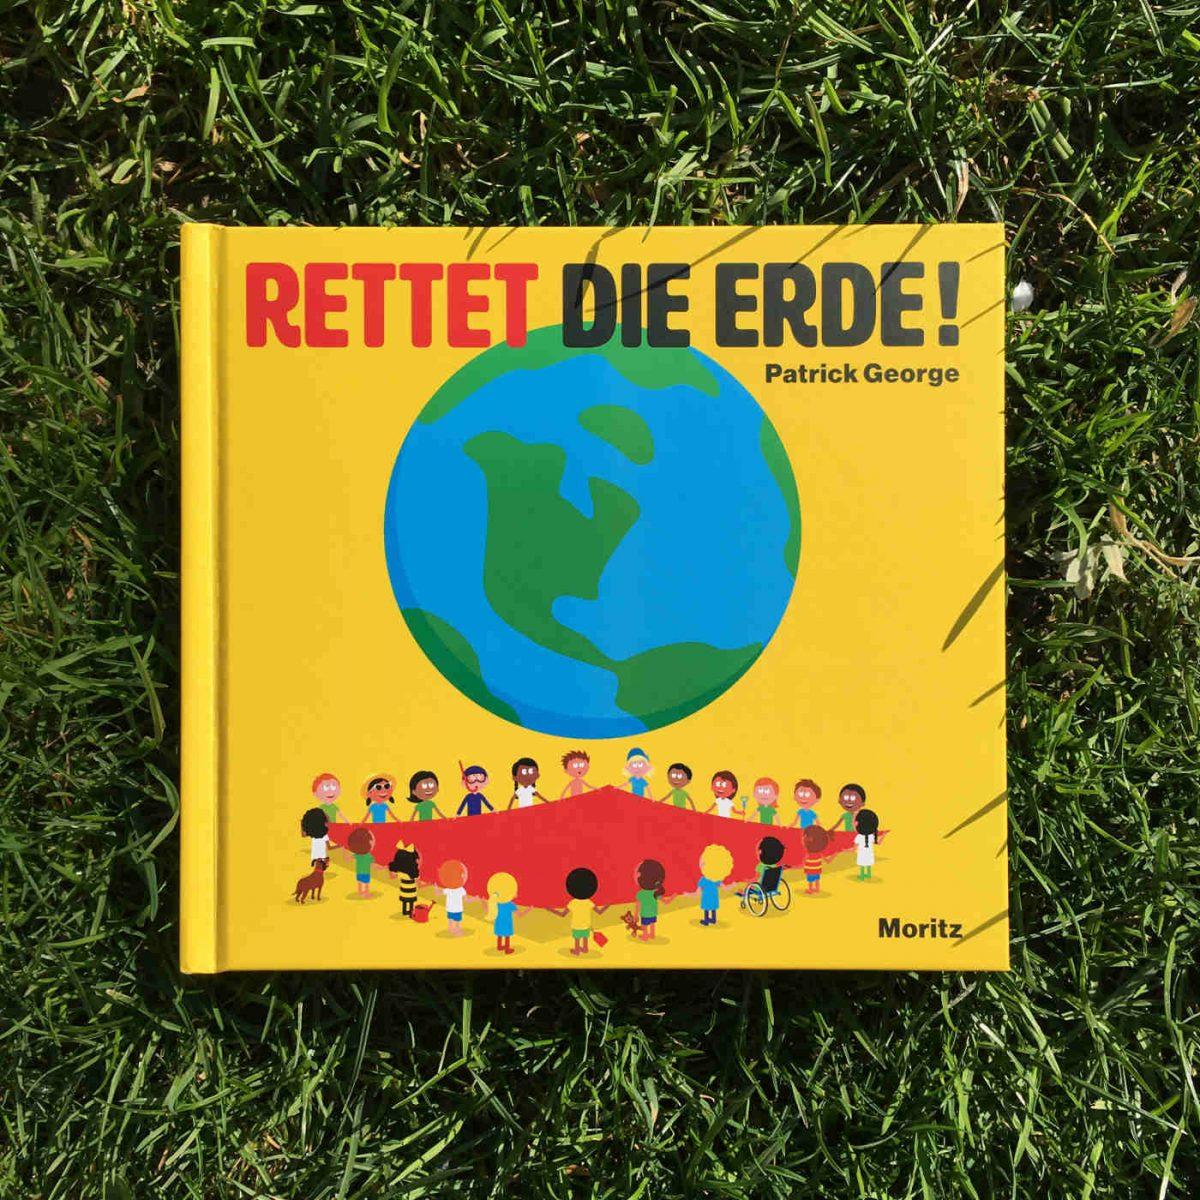 Patrick George: Rettet die Erde!